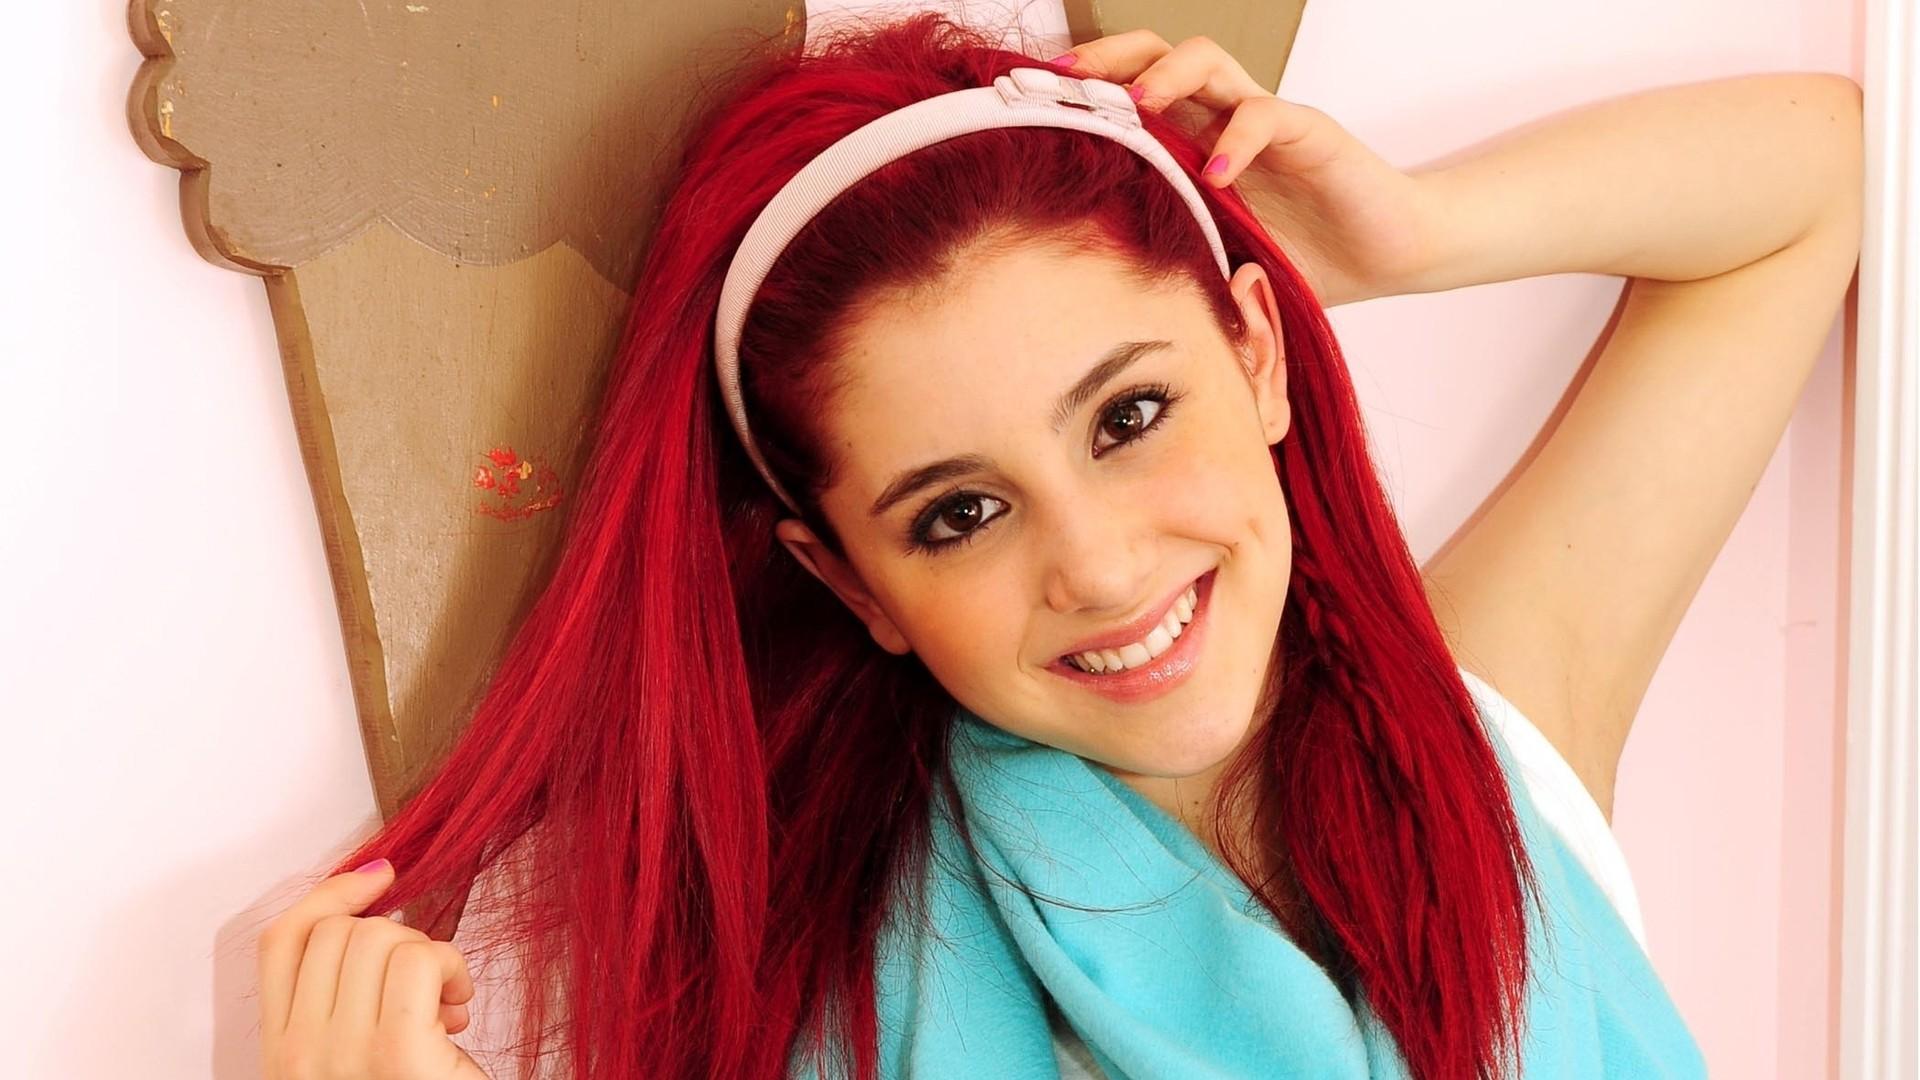 Ariana Grande Red Hair Hd Wallpaper